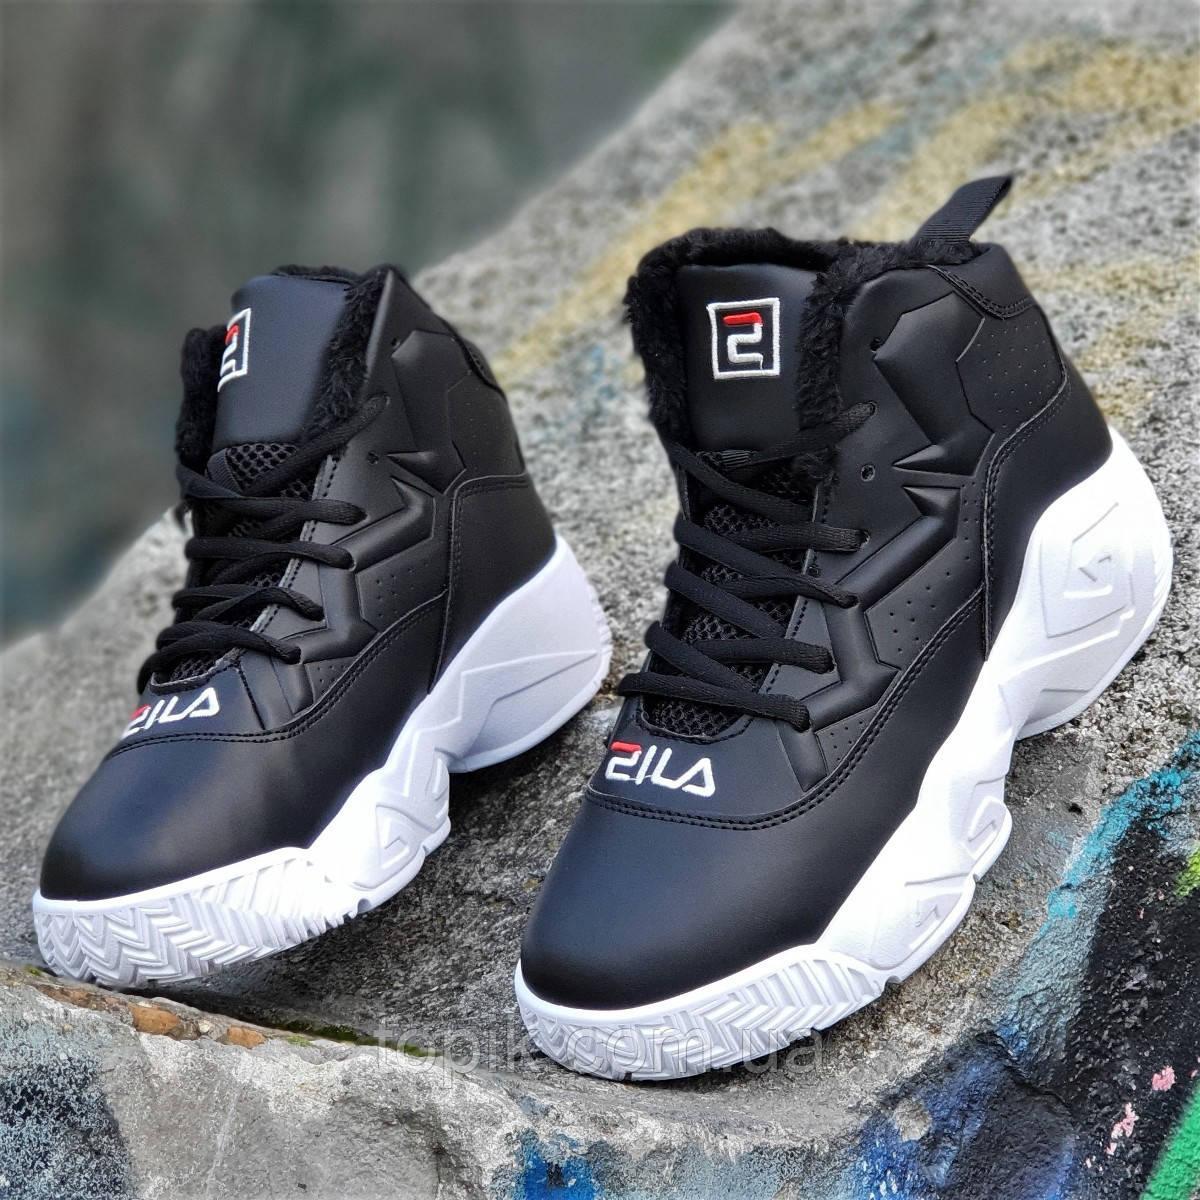 56ab86b6 Улетные зимние черные кроссовки в стиле FILA на платформе женские  подростковые на высокой подошве (Код